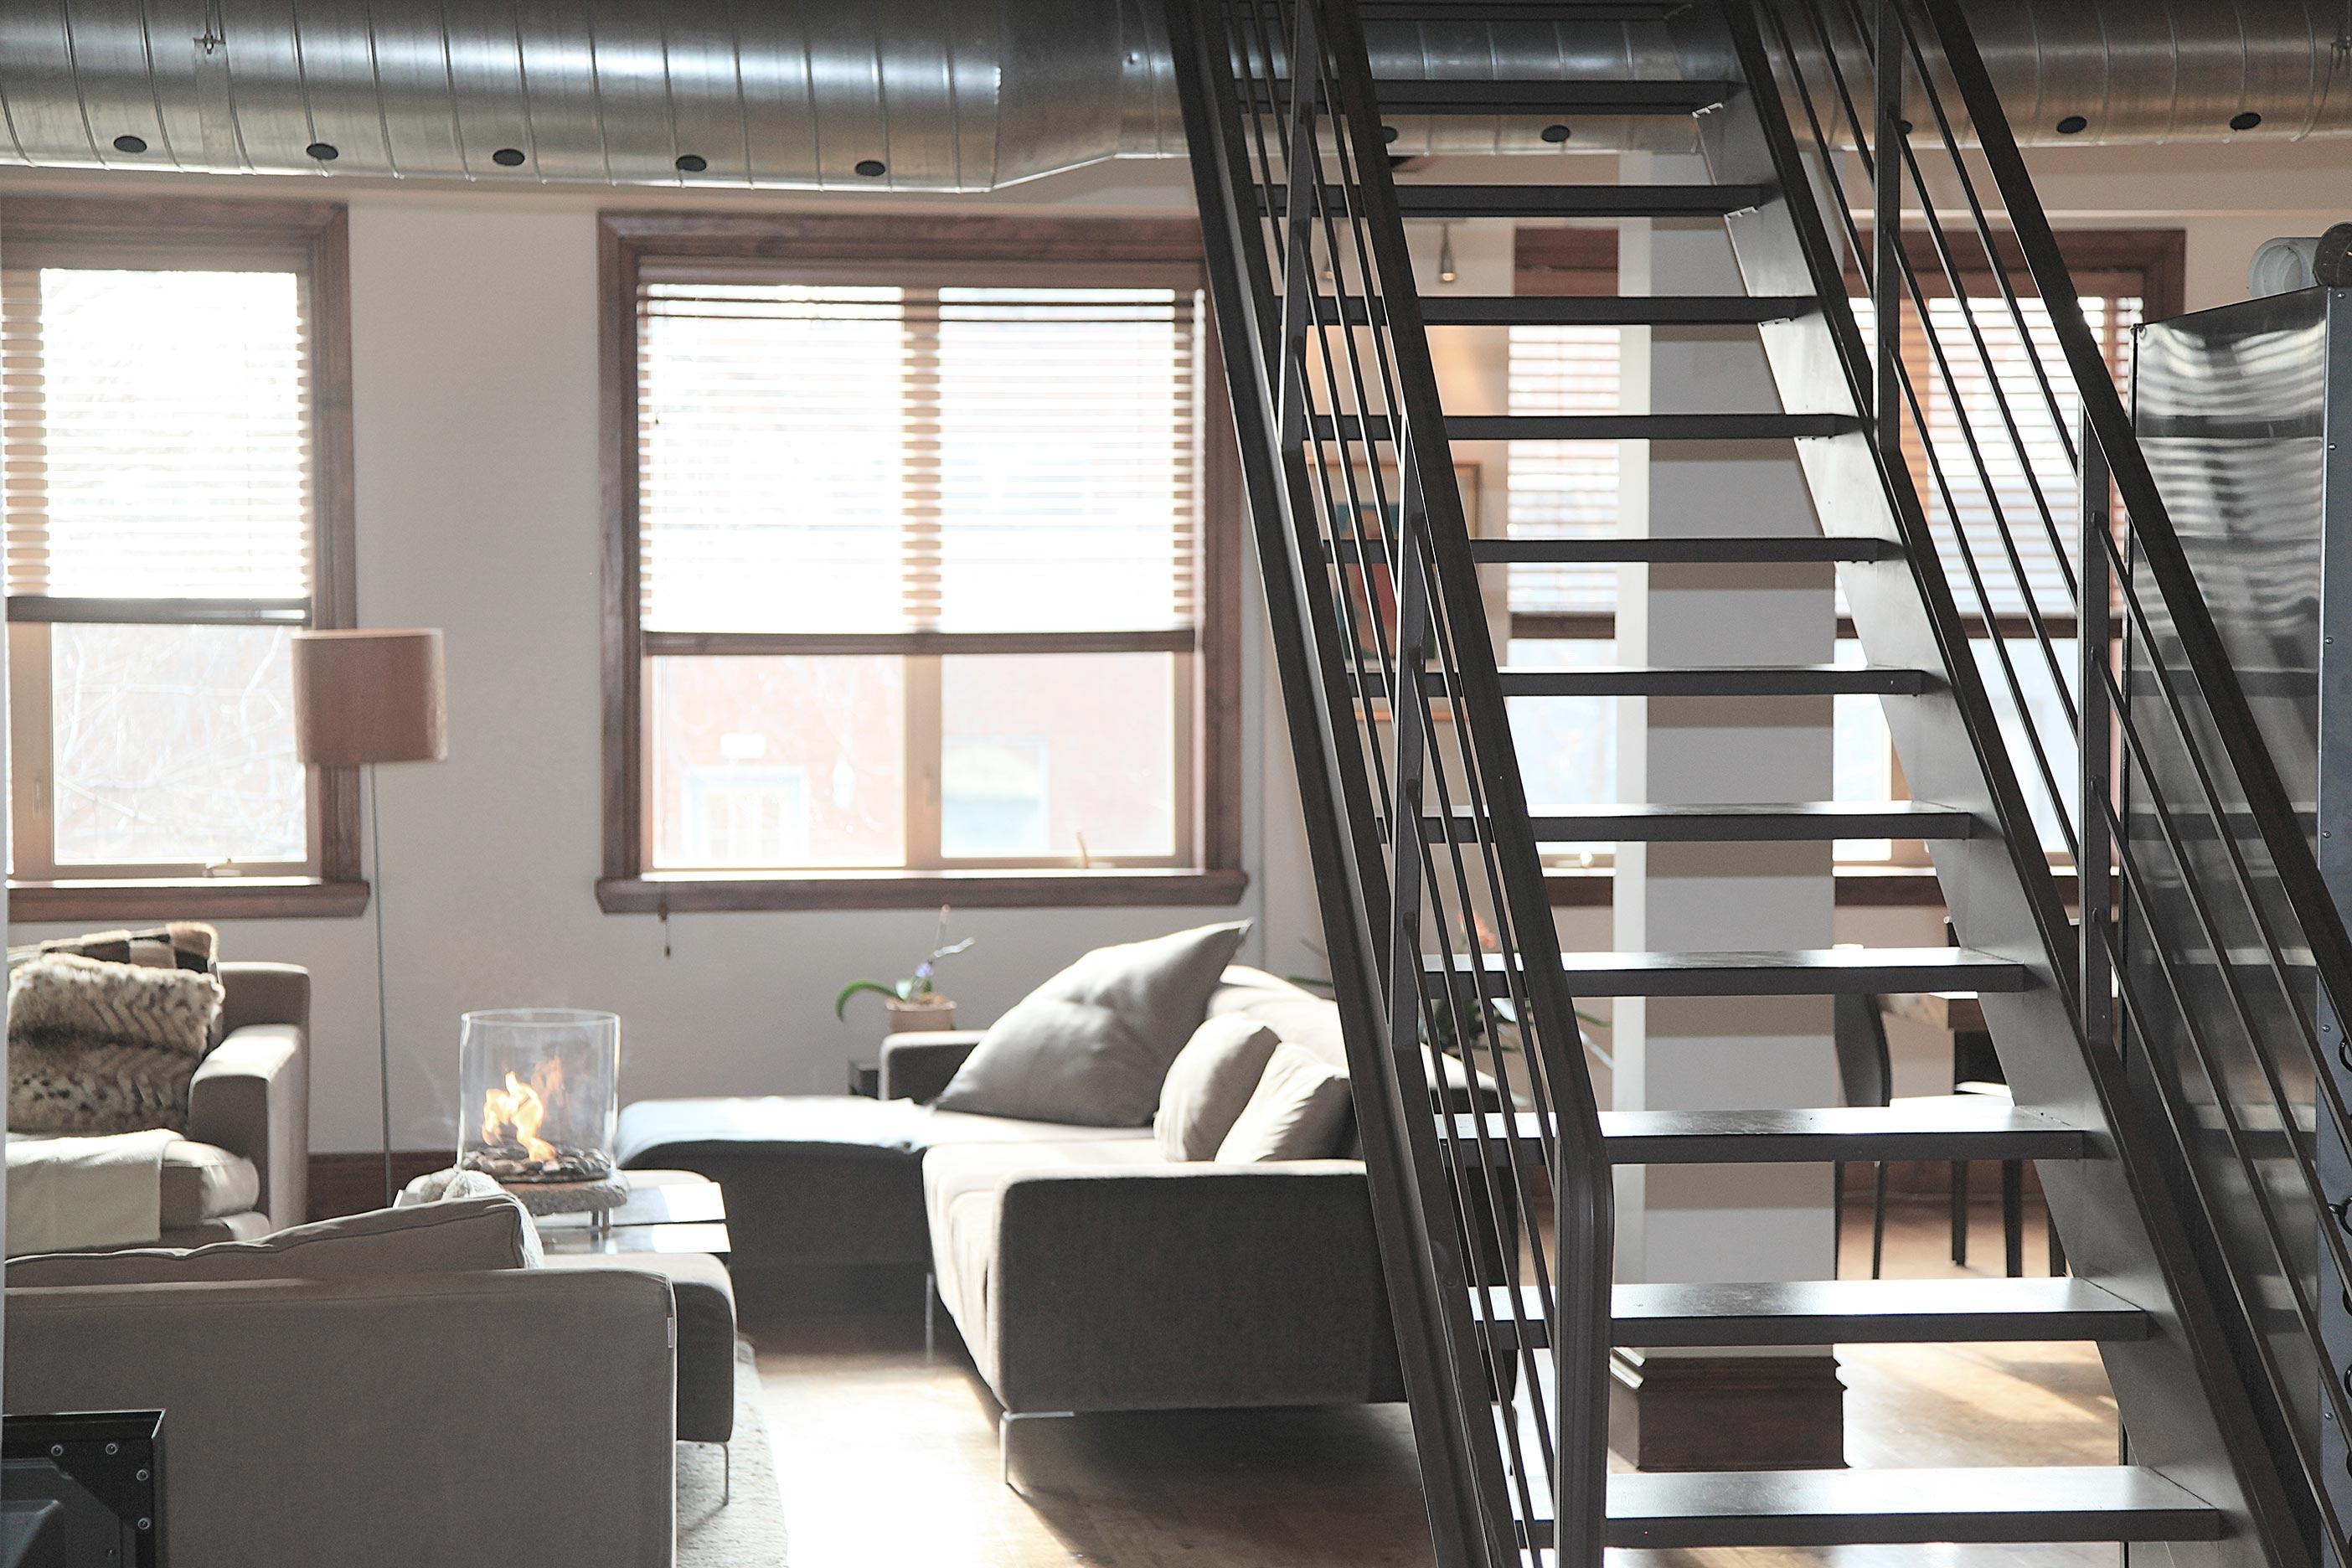 Fullsize Of Studio Apartment Space Ideas